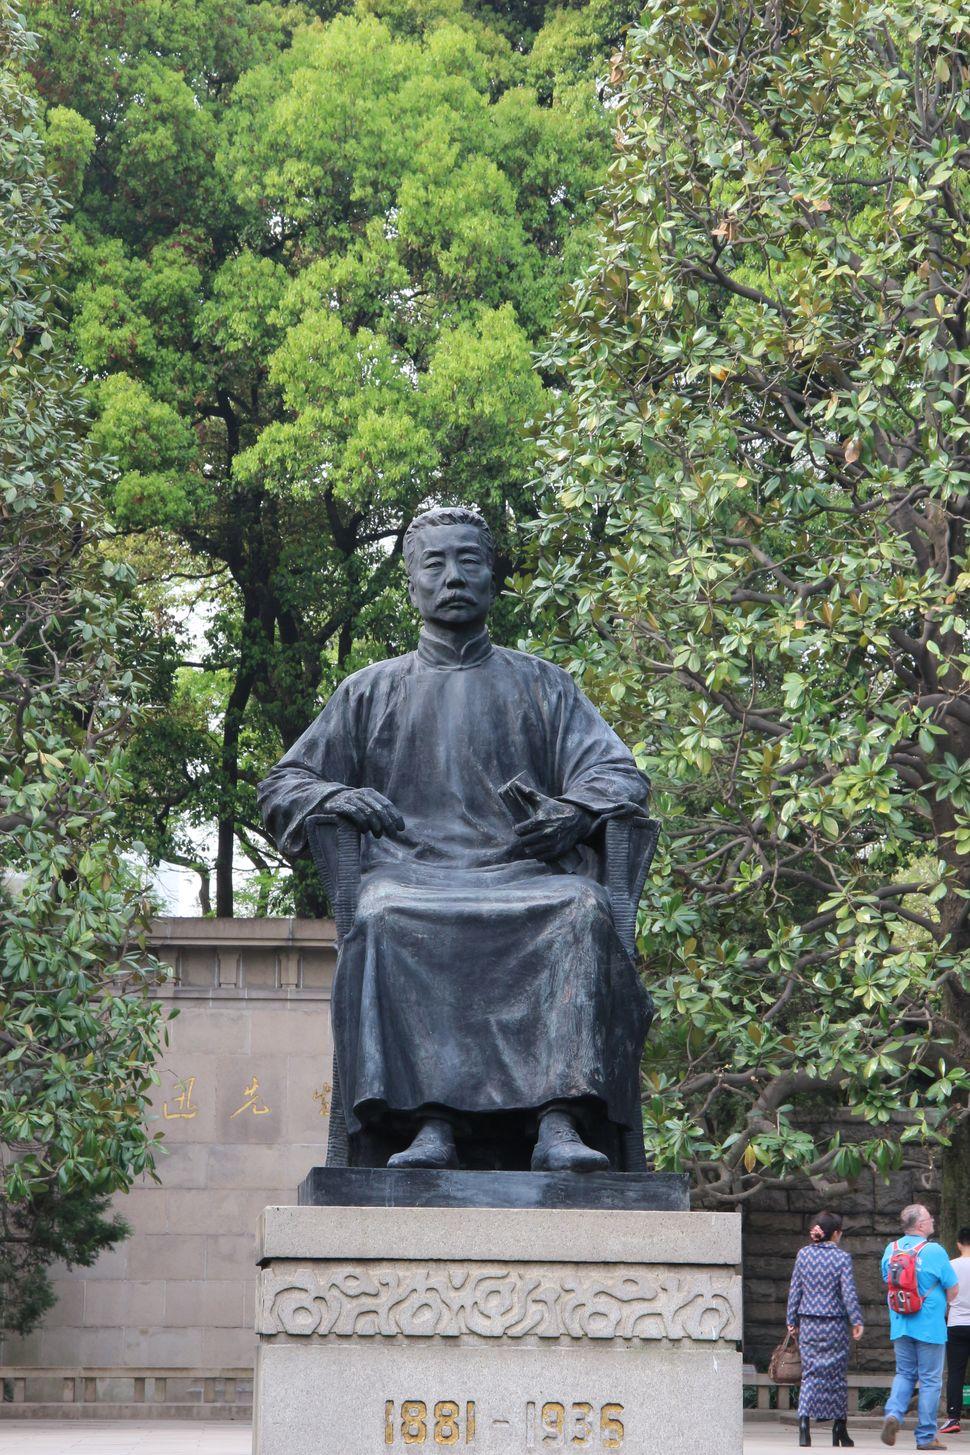 14억 중국인이 사랑하는 작가 루쉰의 동상. 그의 묘가 상하이 루쉰 공원에 있다.